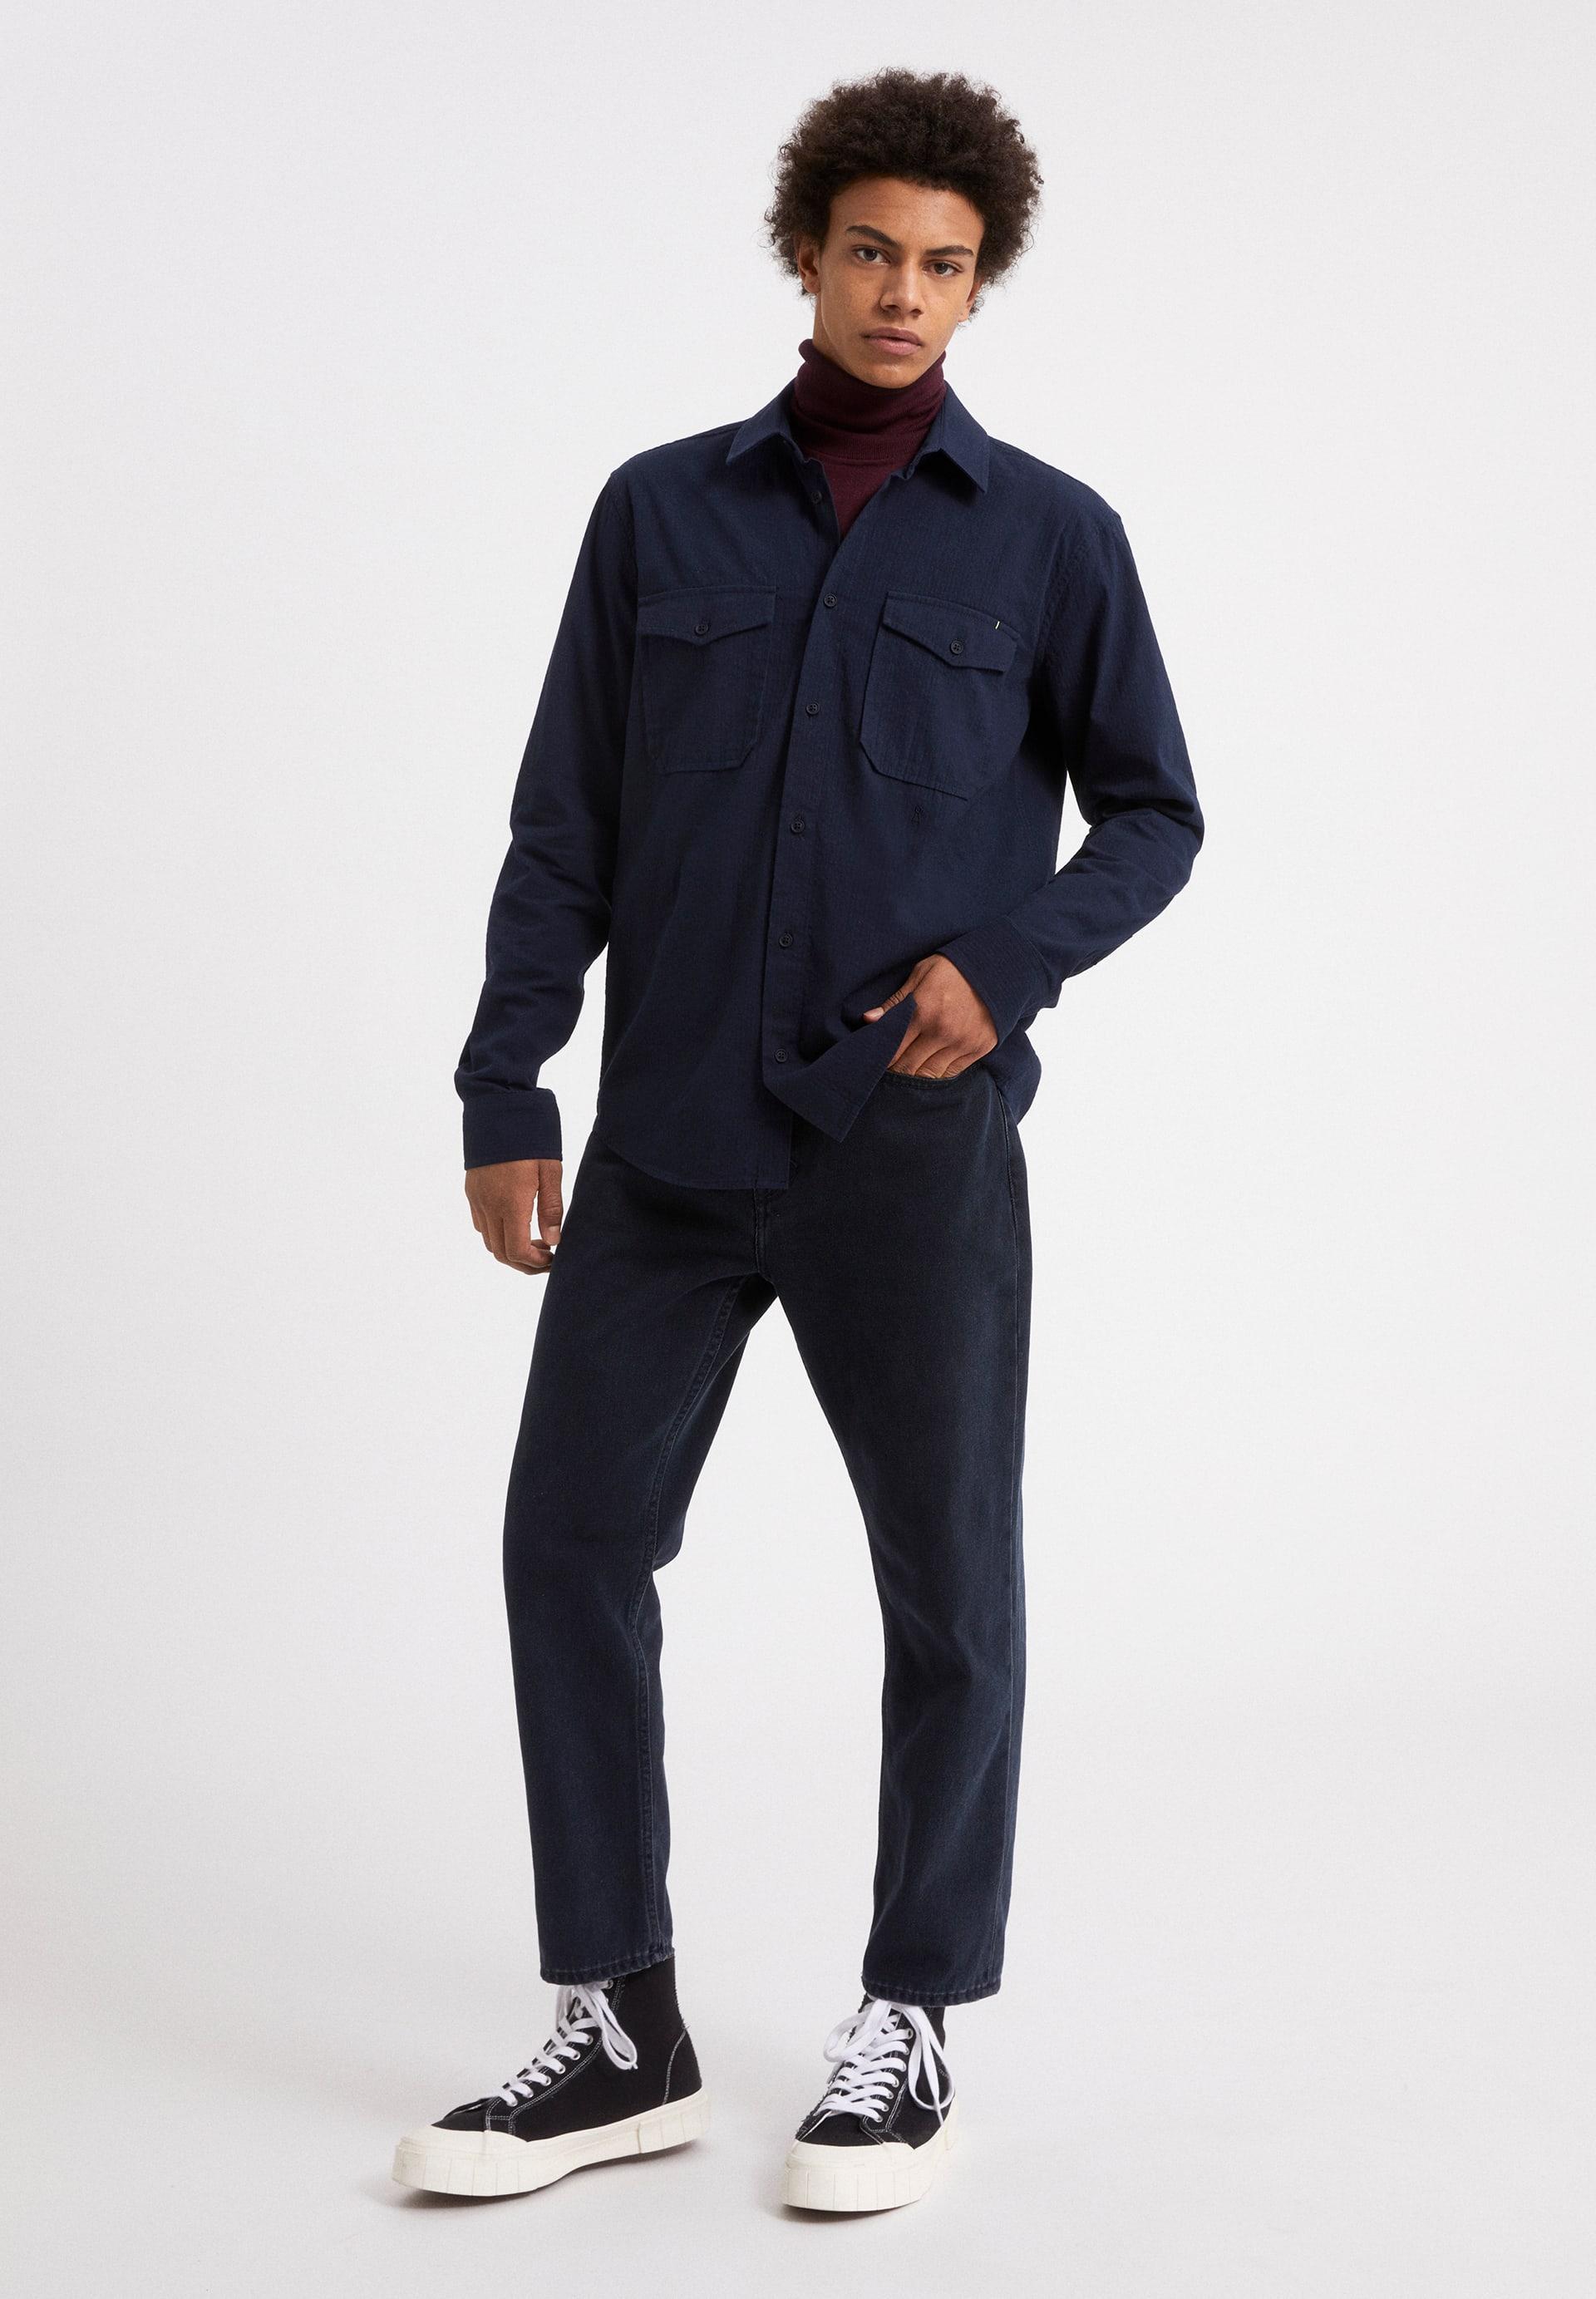 CAARDO chemise en coton biologique